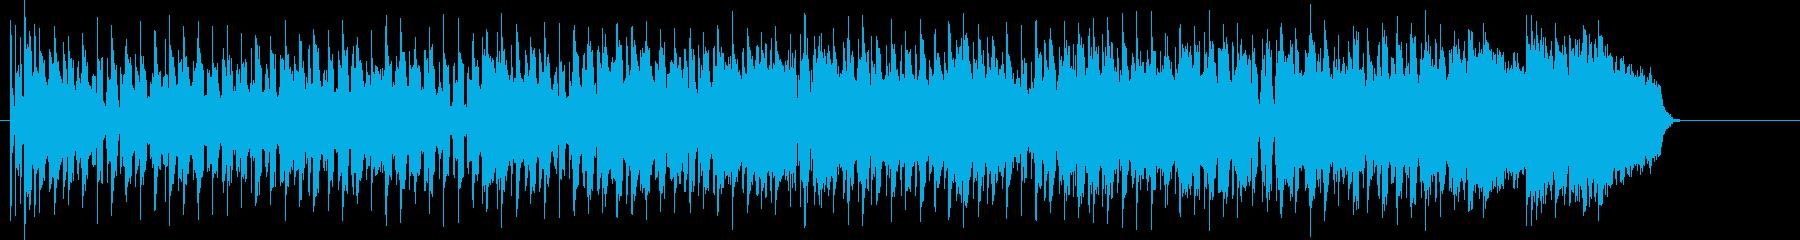 ブルージーなマイナーシャッフルロックの再生済みの波形